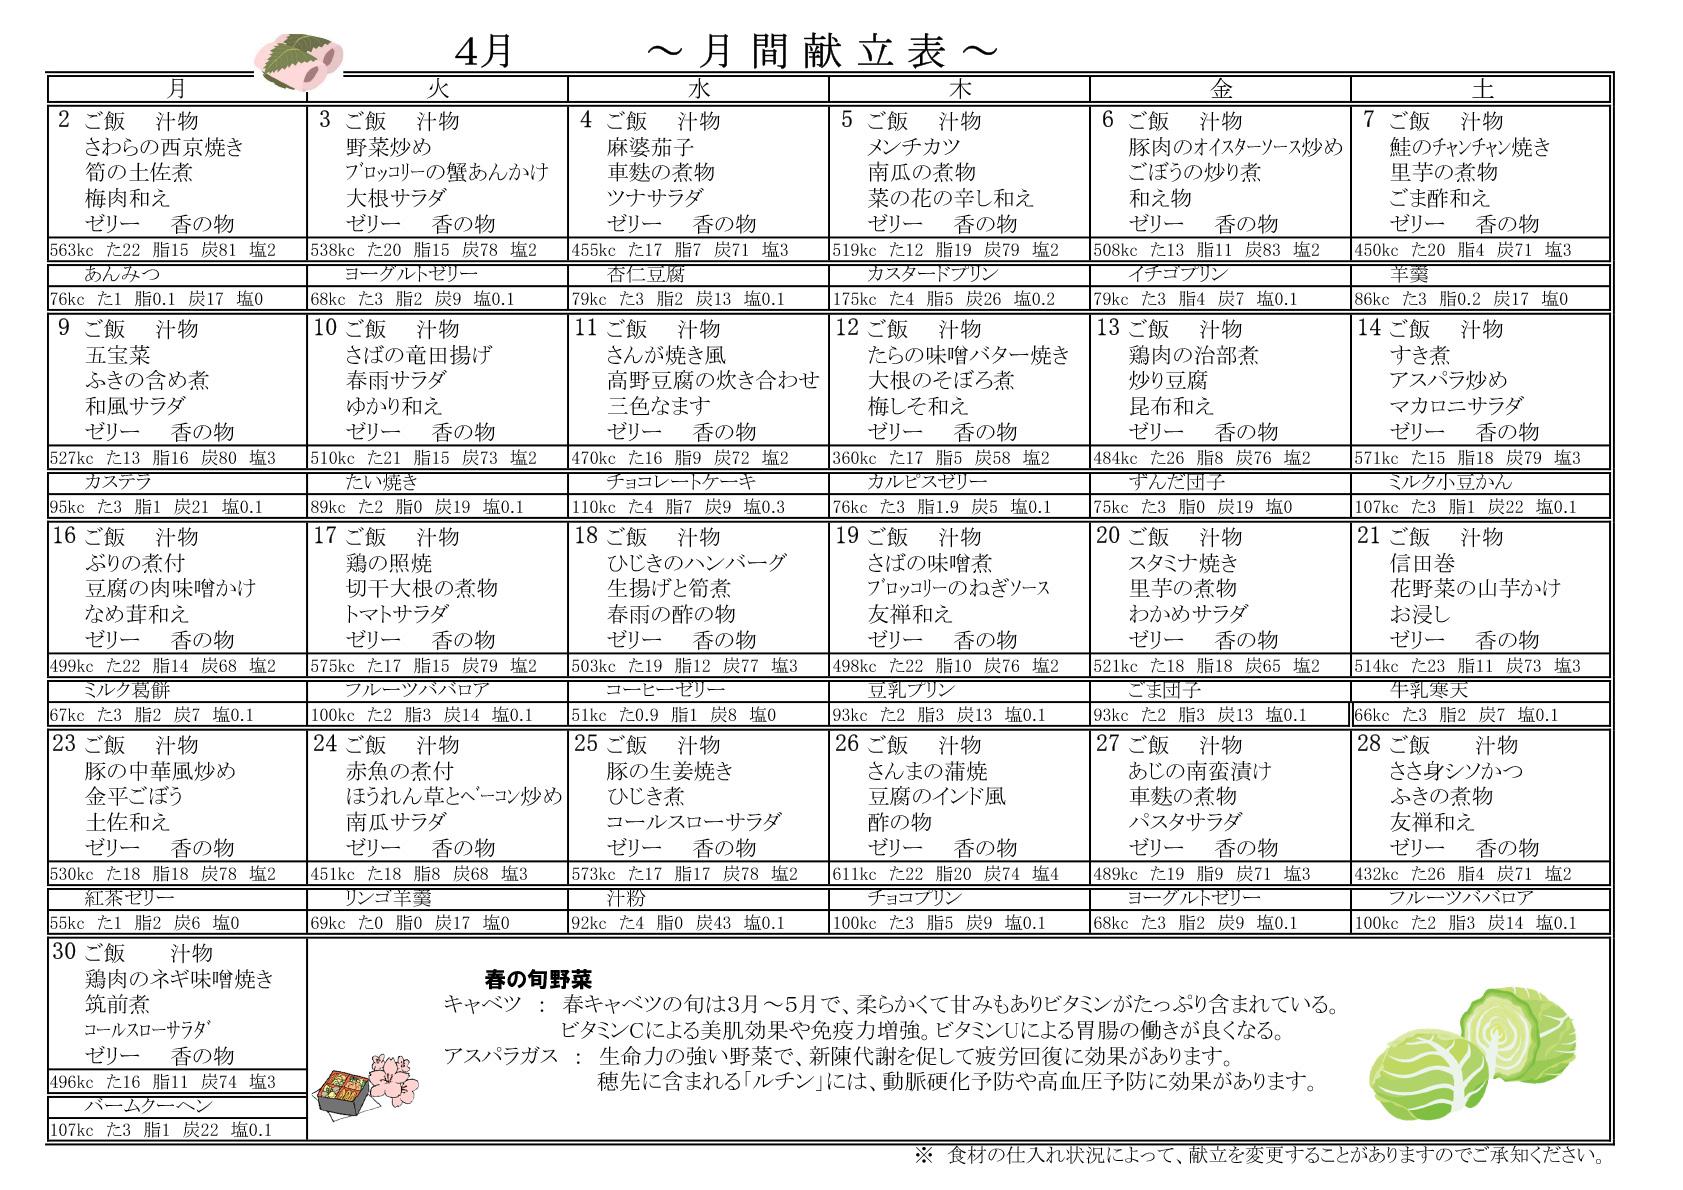 2018年4月献立表